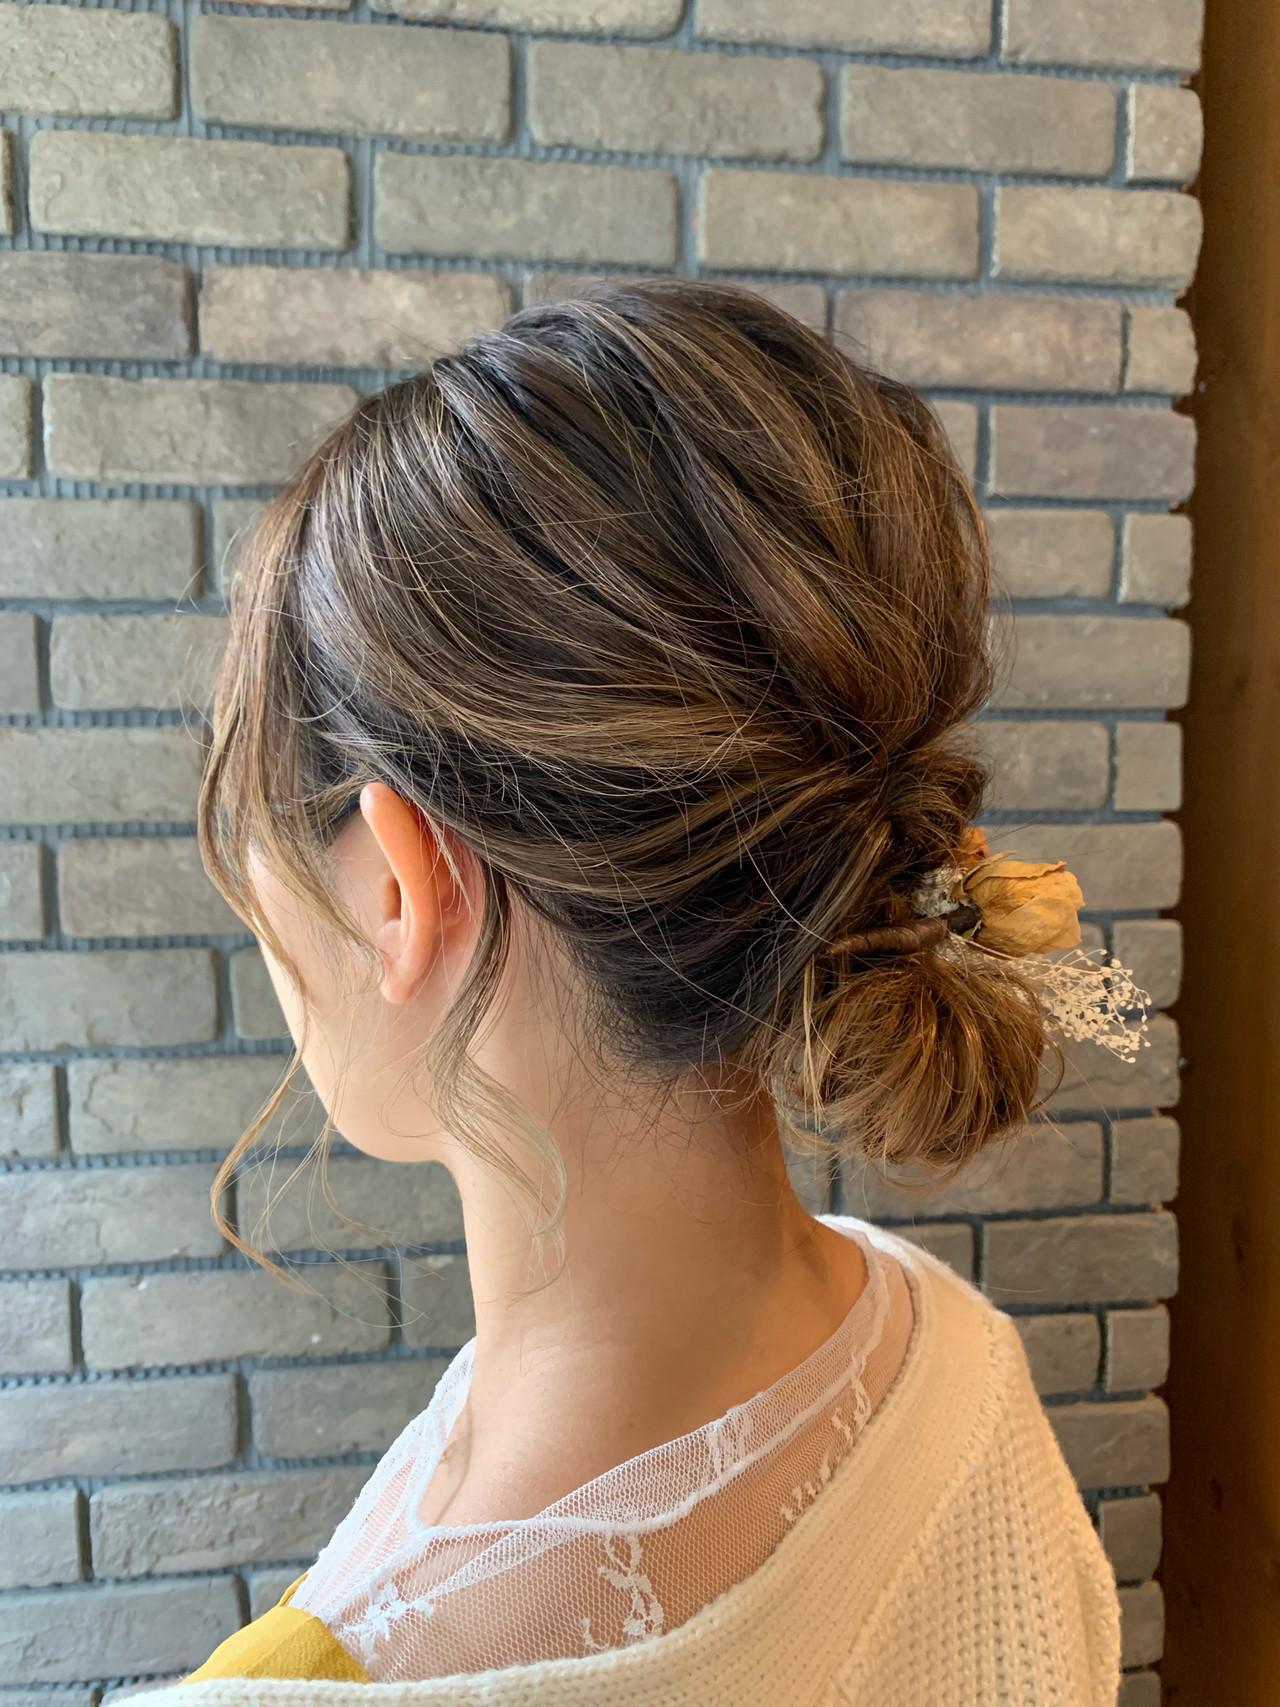 デート ヘアアレンジ 結婚式ヘアアレンジ フェミニン ヘアスタイルや髪型の写真・画像